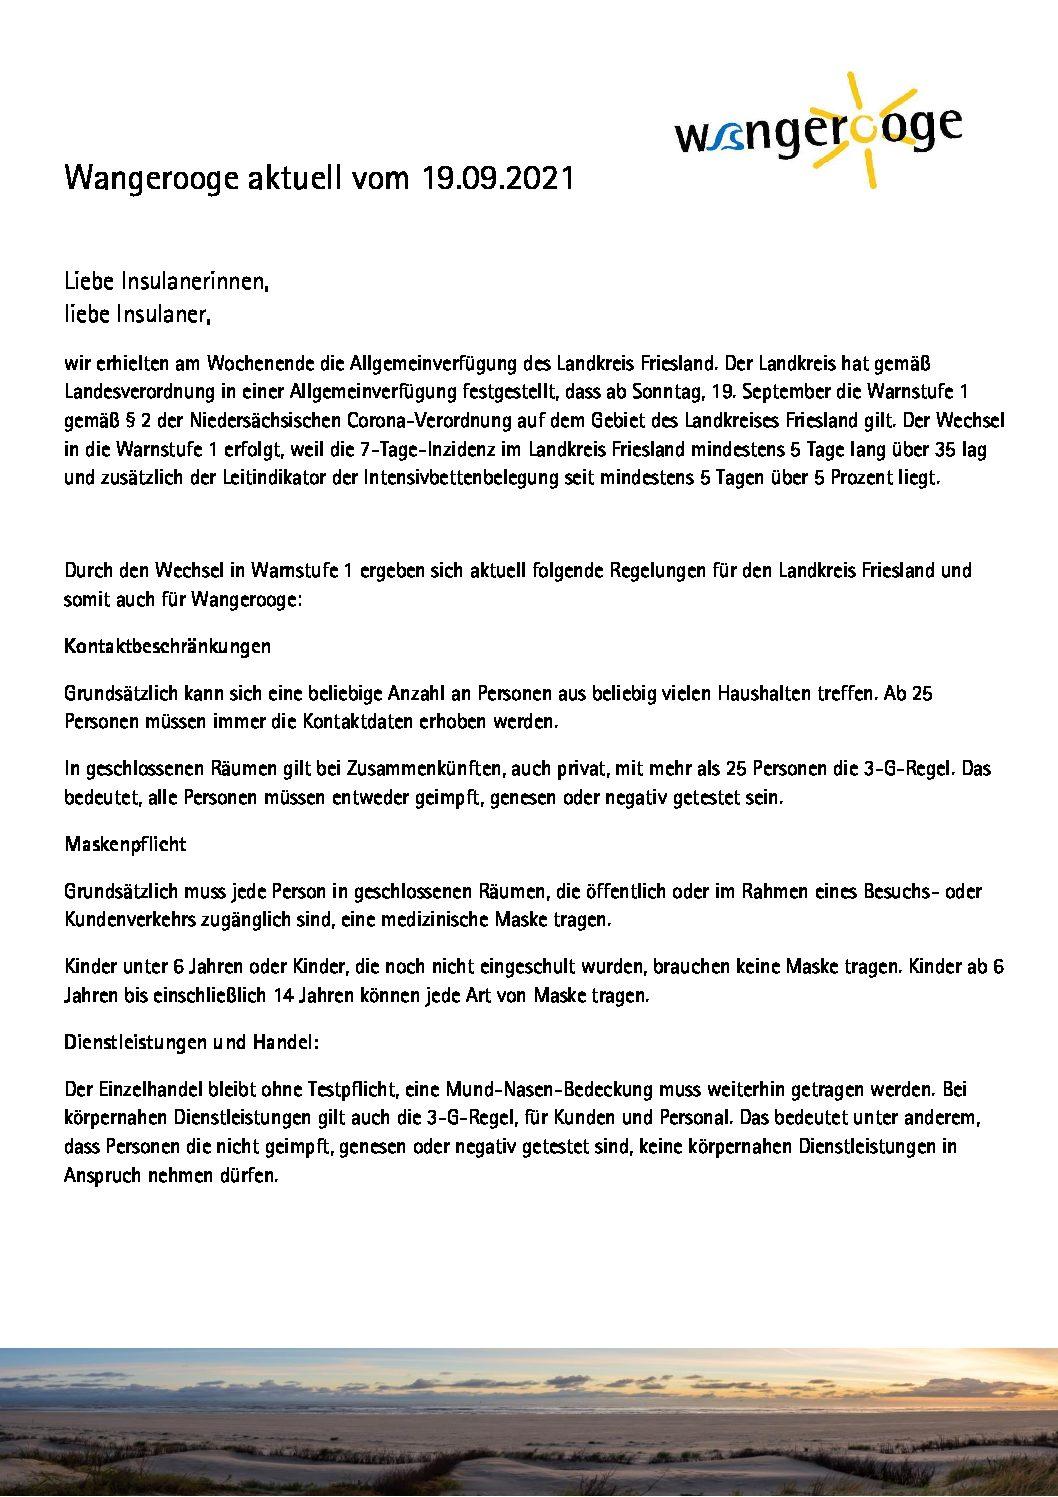 19.09.2021 Wangerooge Aktuell der Kurverwaltung – Allgemeinverfügung des Landkreis Friesland